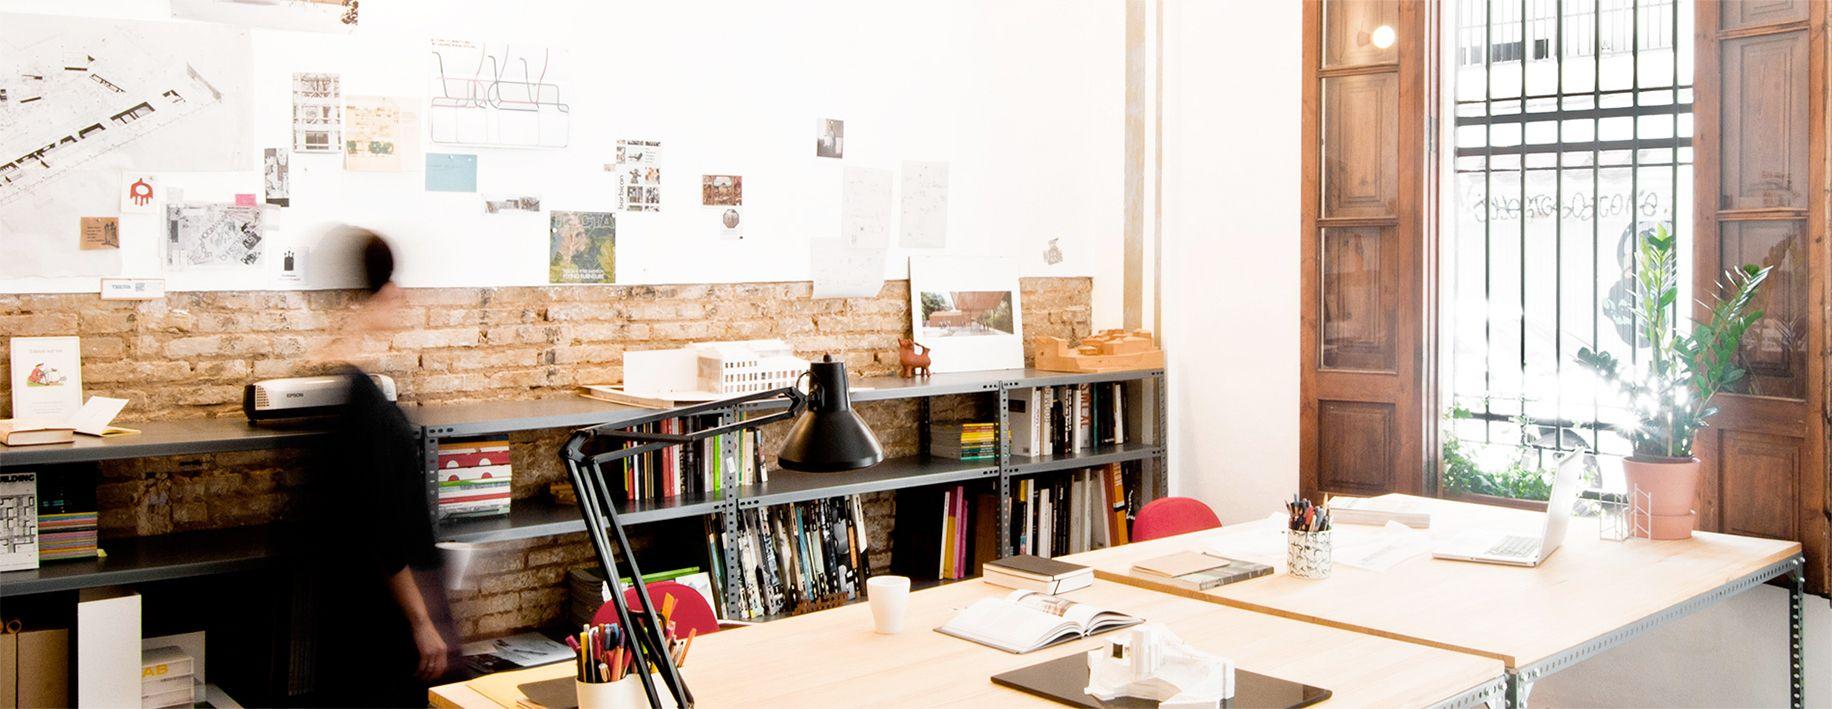 El estudio abalosllopis architects, en el barrio de Ruzafa de Valencia.